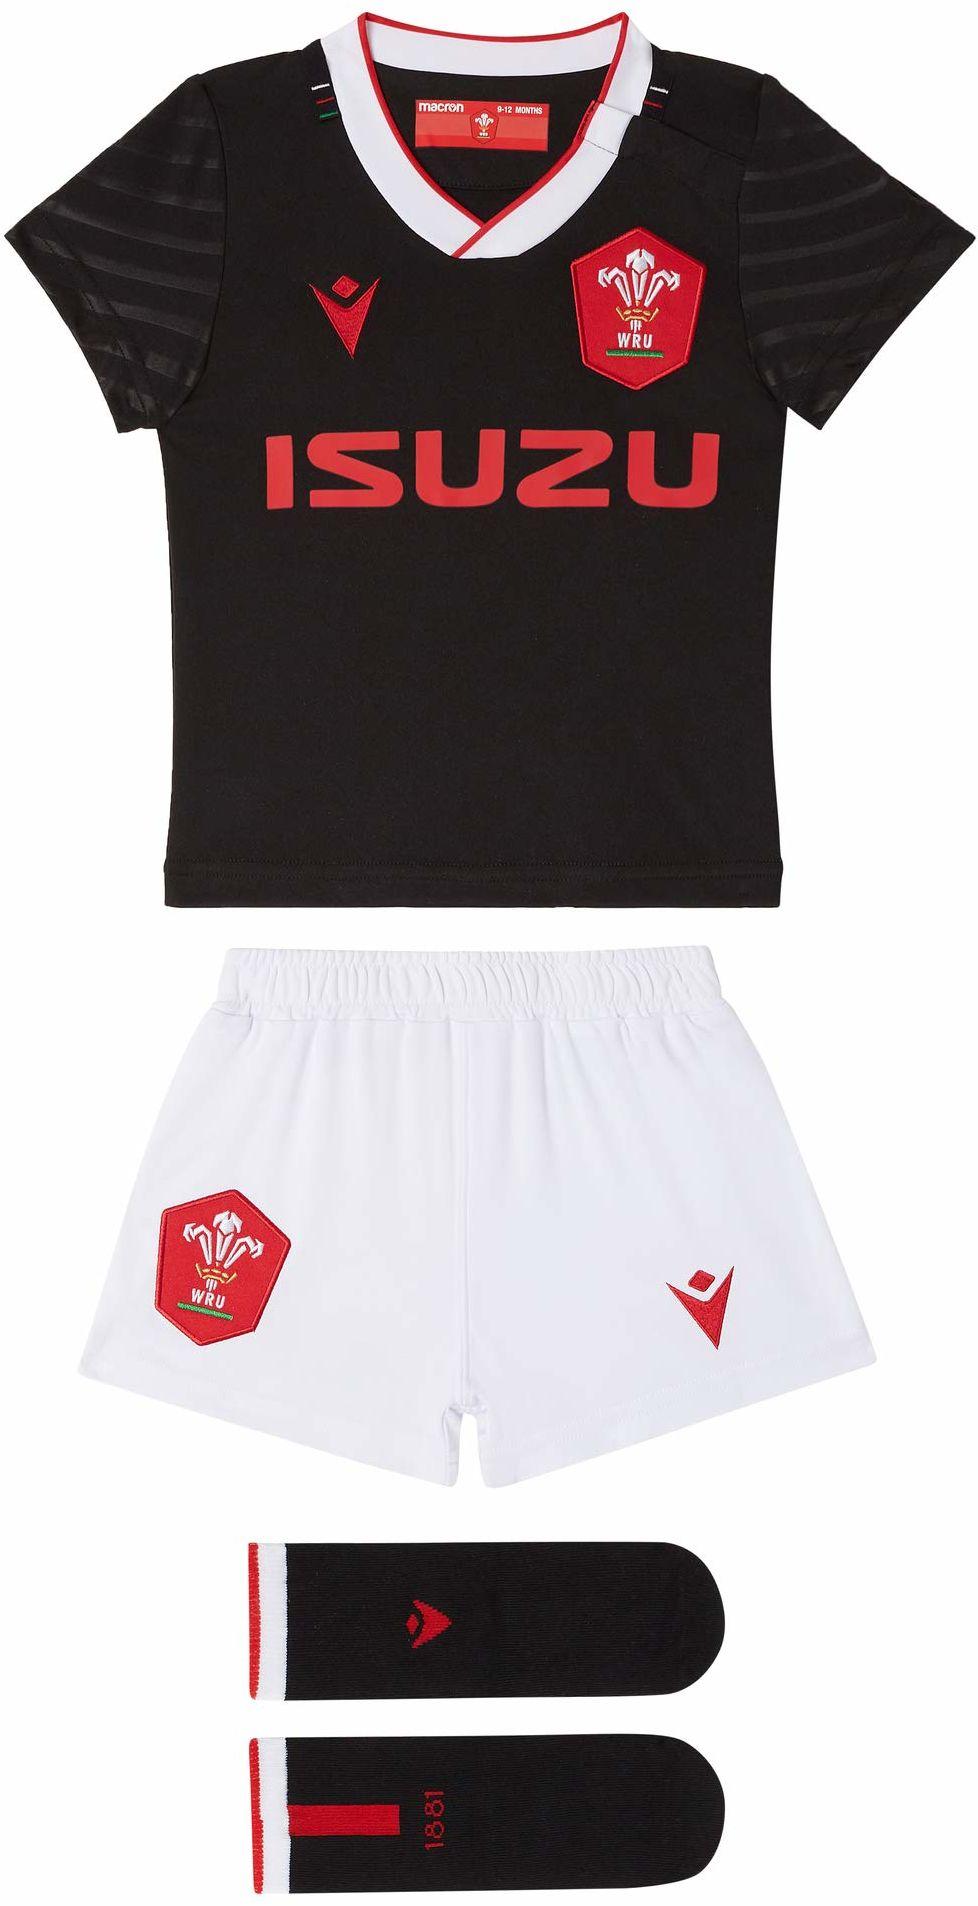 Macron Unisex Baby 58125564 Wru M20 WRU M20 koszulka z szortami i skarpetkami, alternatywny zestaw bokserski, dla dzieci, czarny, 6/9 m czarny czarny 9-12 Miesi?cy